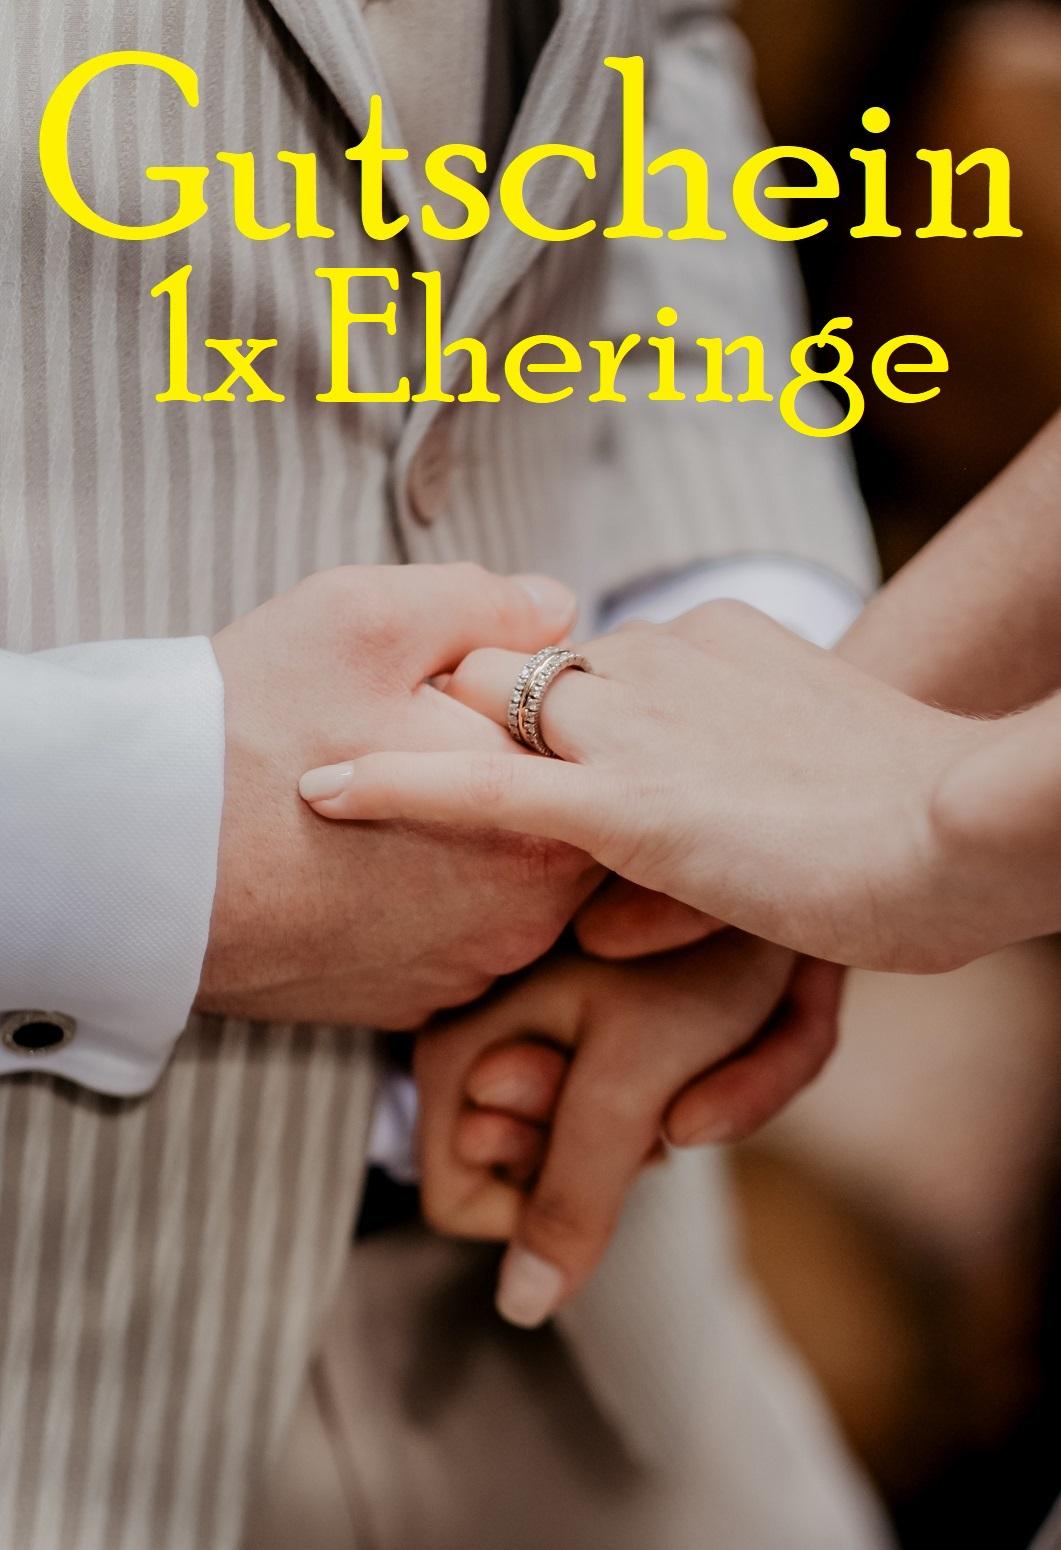 Gutscheinvorlage für Eheringe